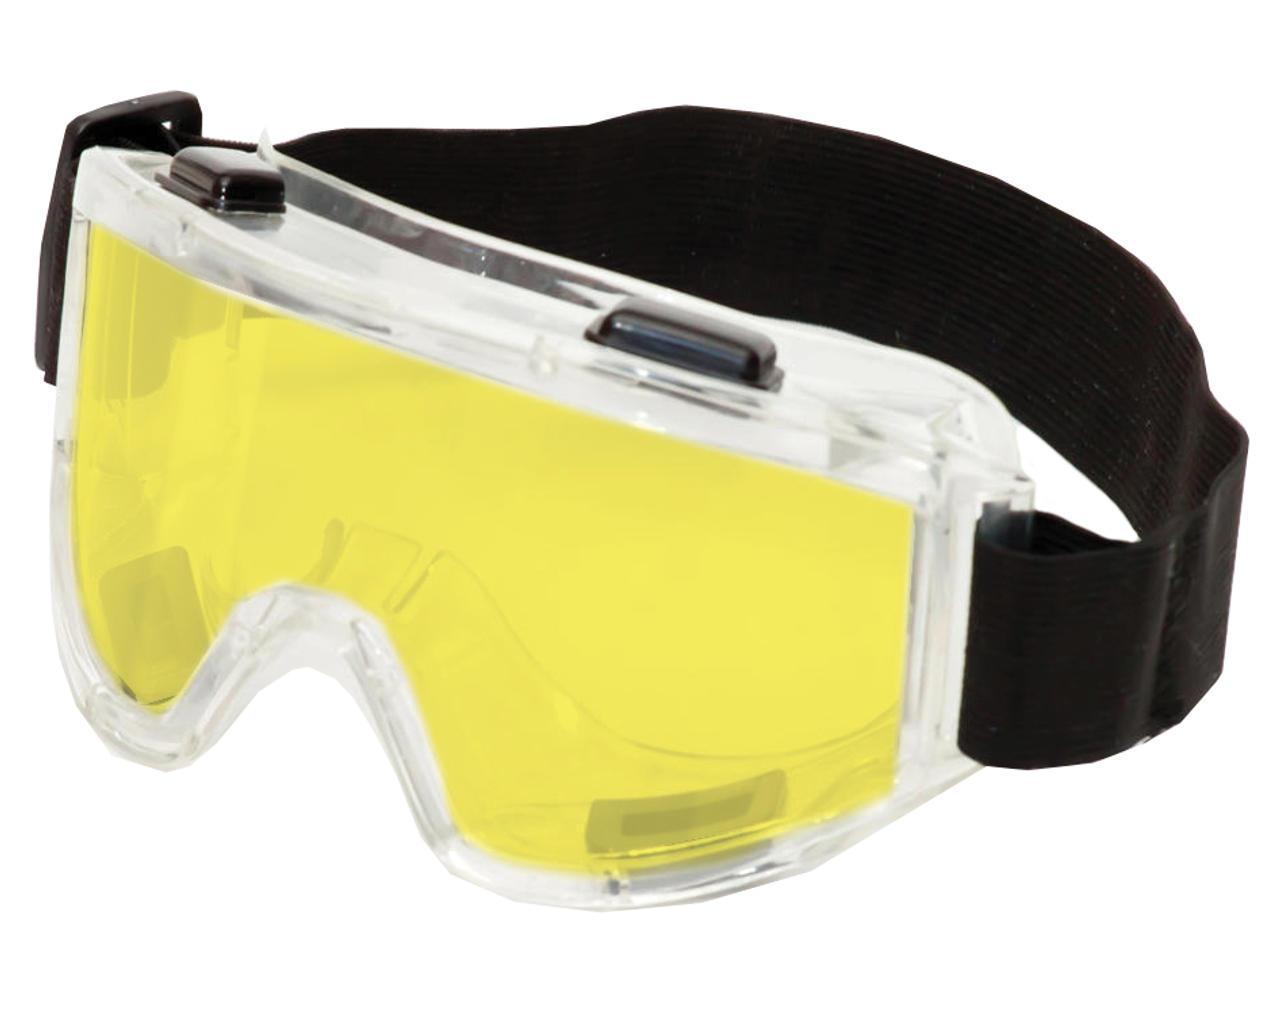 Очки защитные Vision Контраст+,  линза жёлтая с непрямой вентиляцией